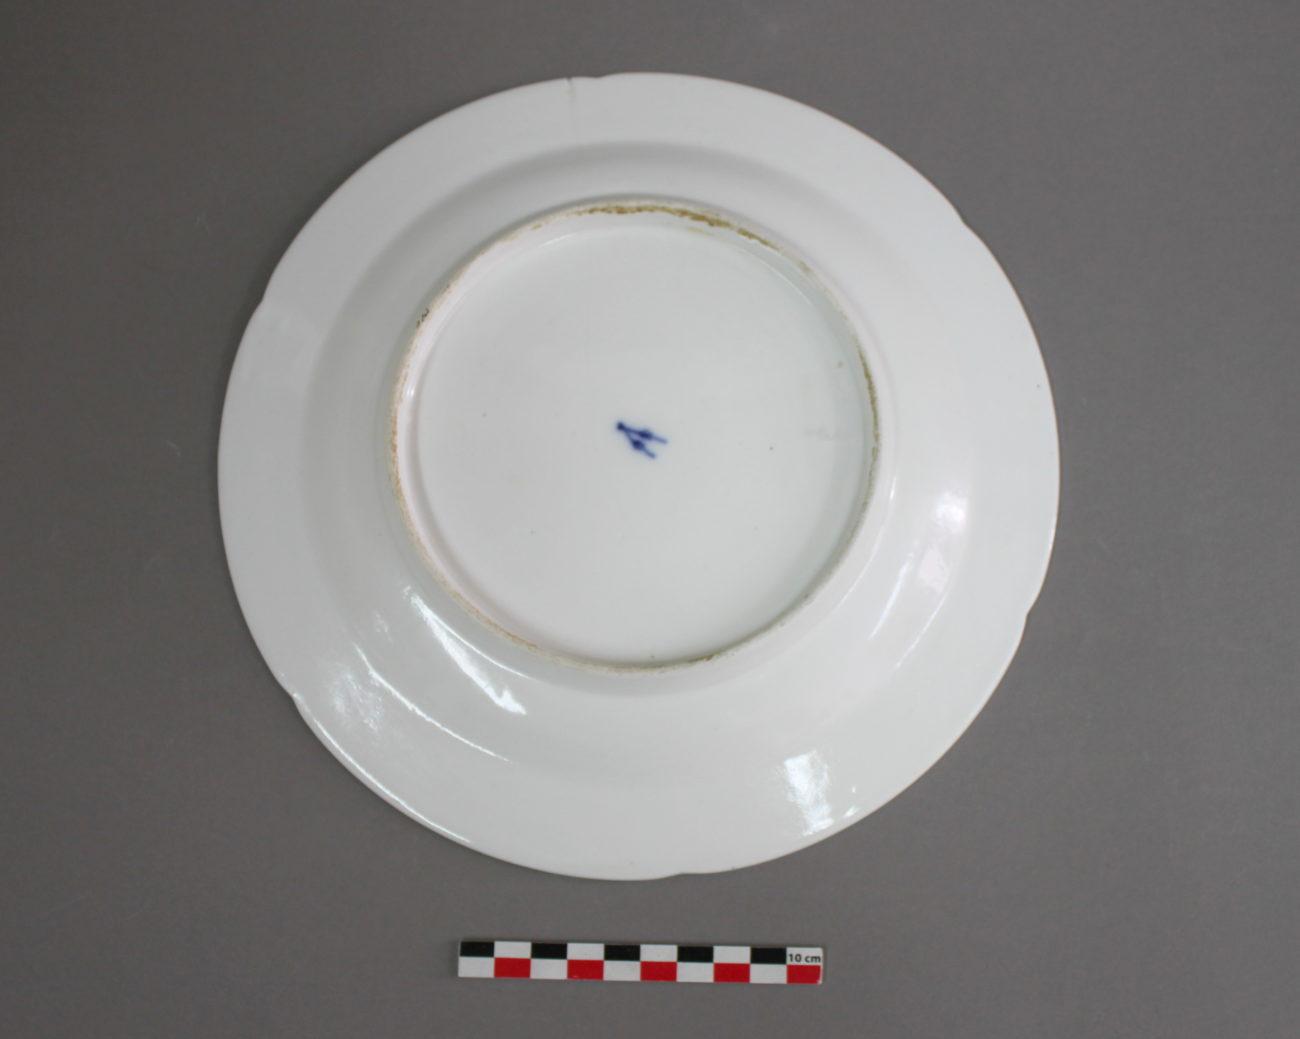 Restauration d'une assiette ancienne en porcelaine